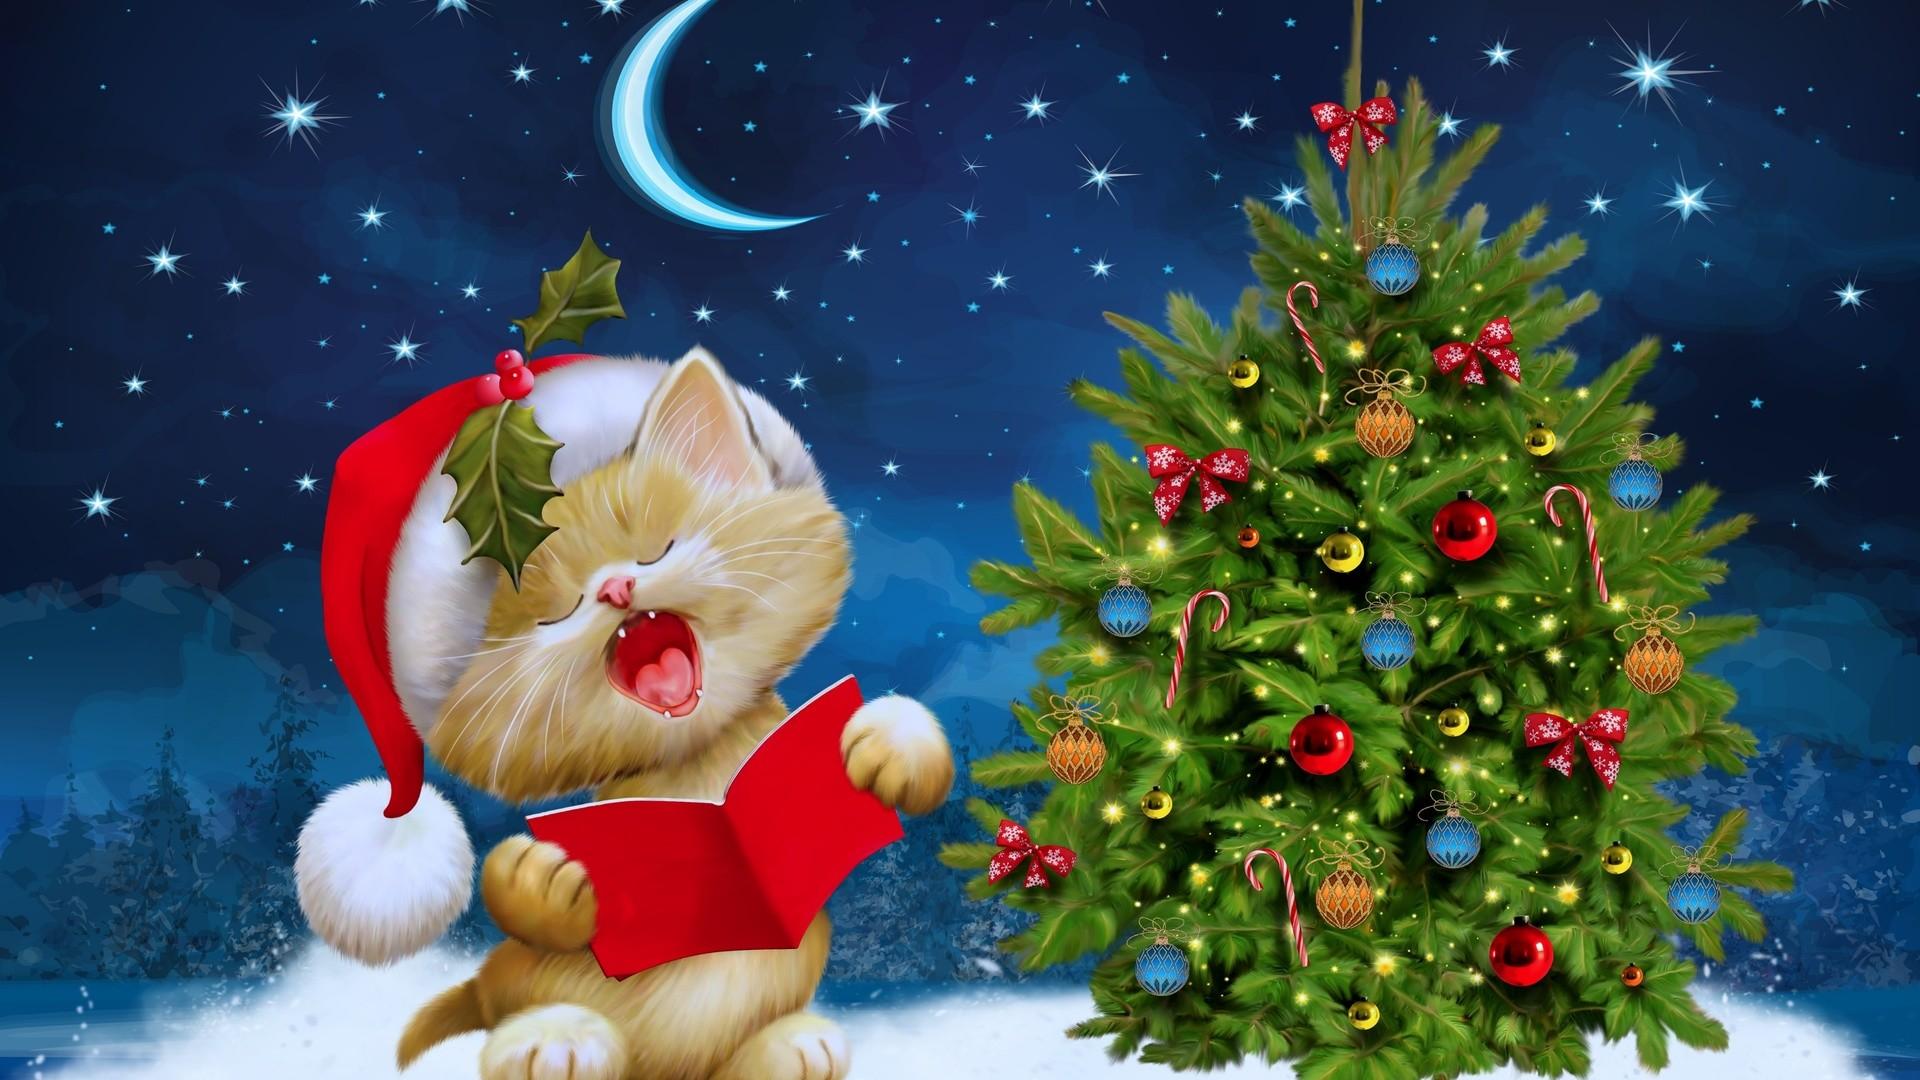 Merry Christmas kitten